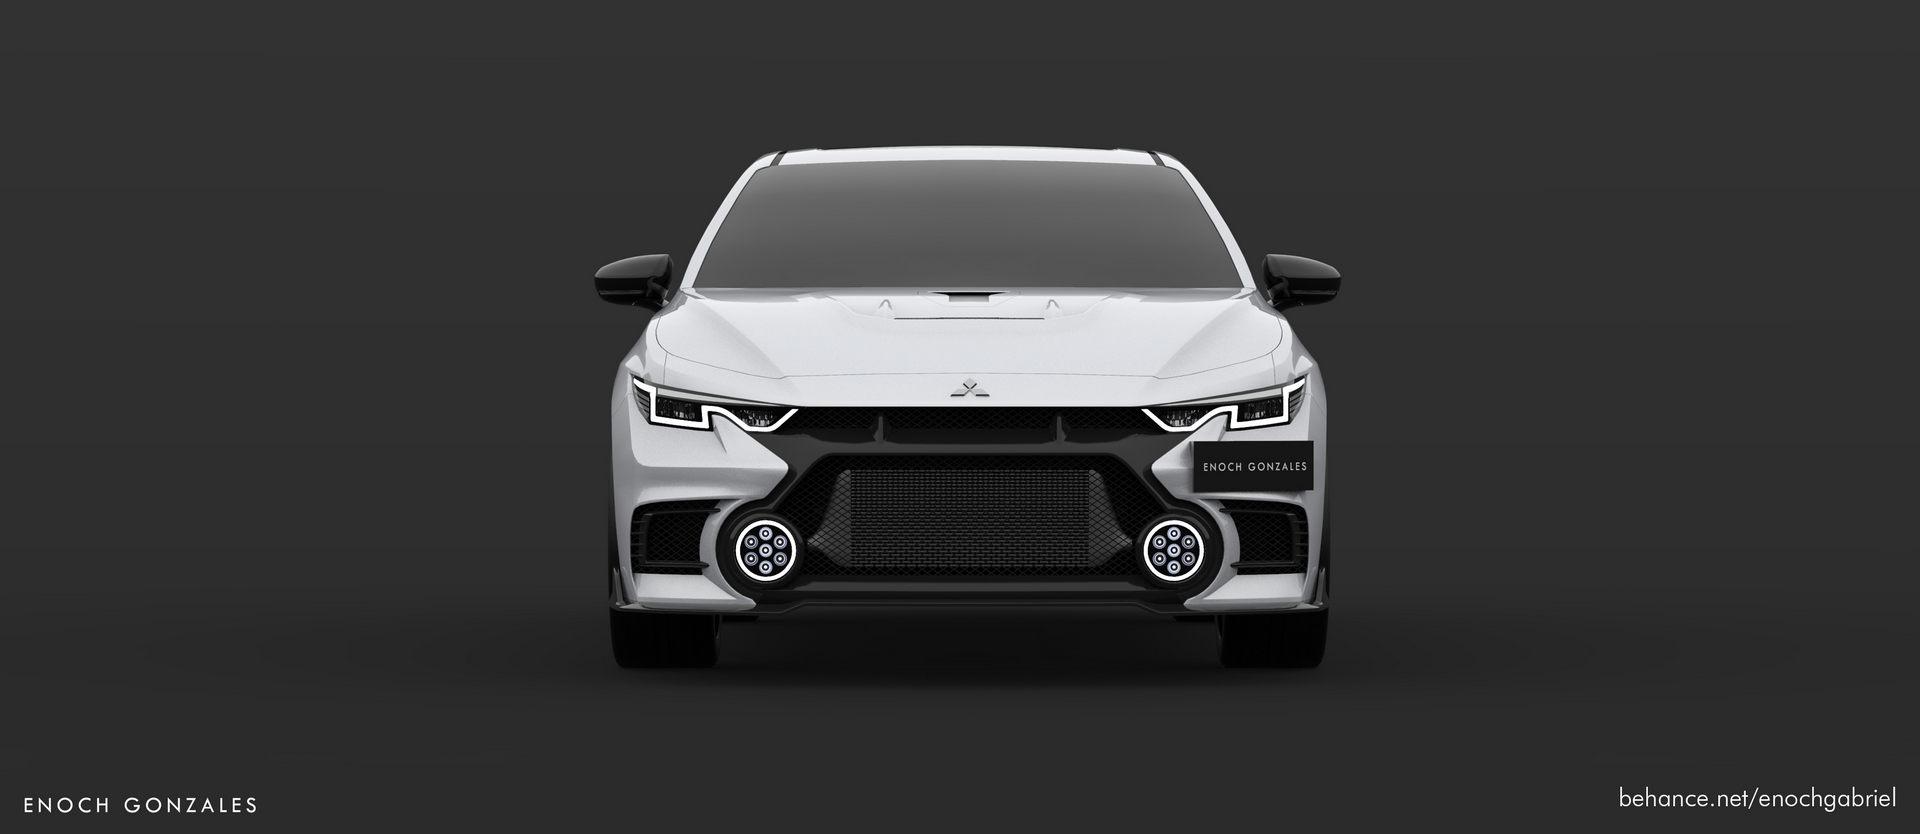 Mitsubishi-Lancer-Evo-XII-renderings-22